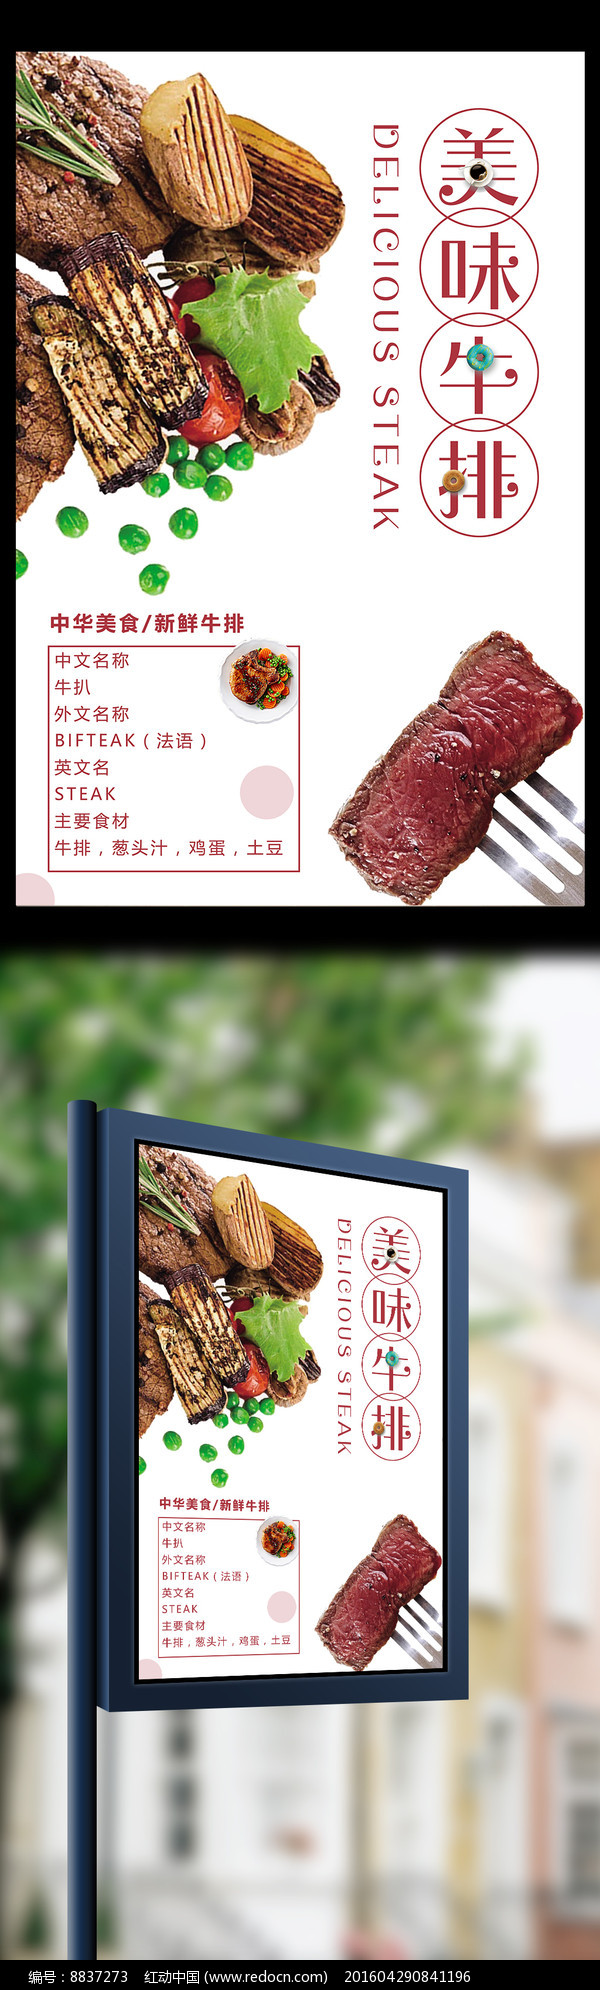 牛排西餐美食海报设计图片